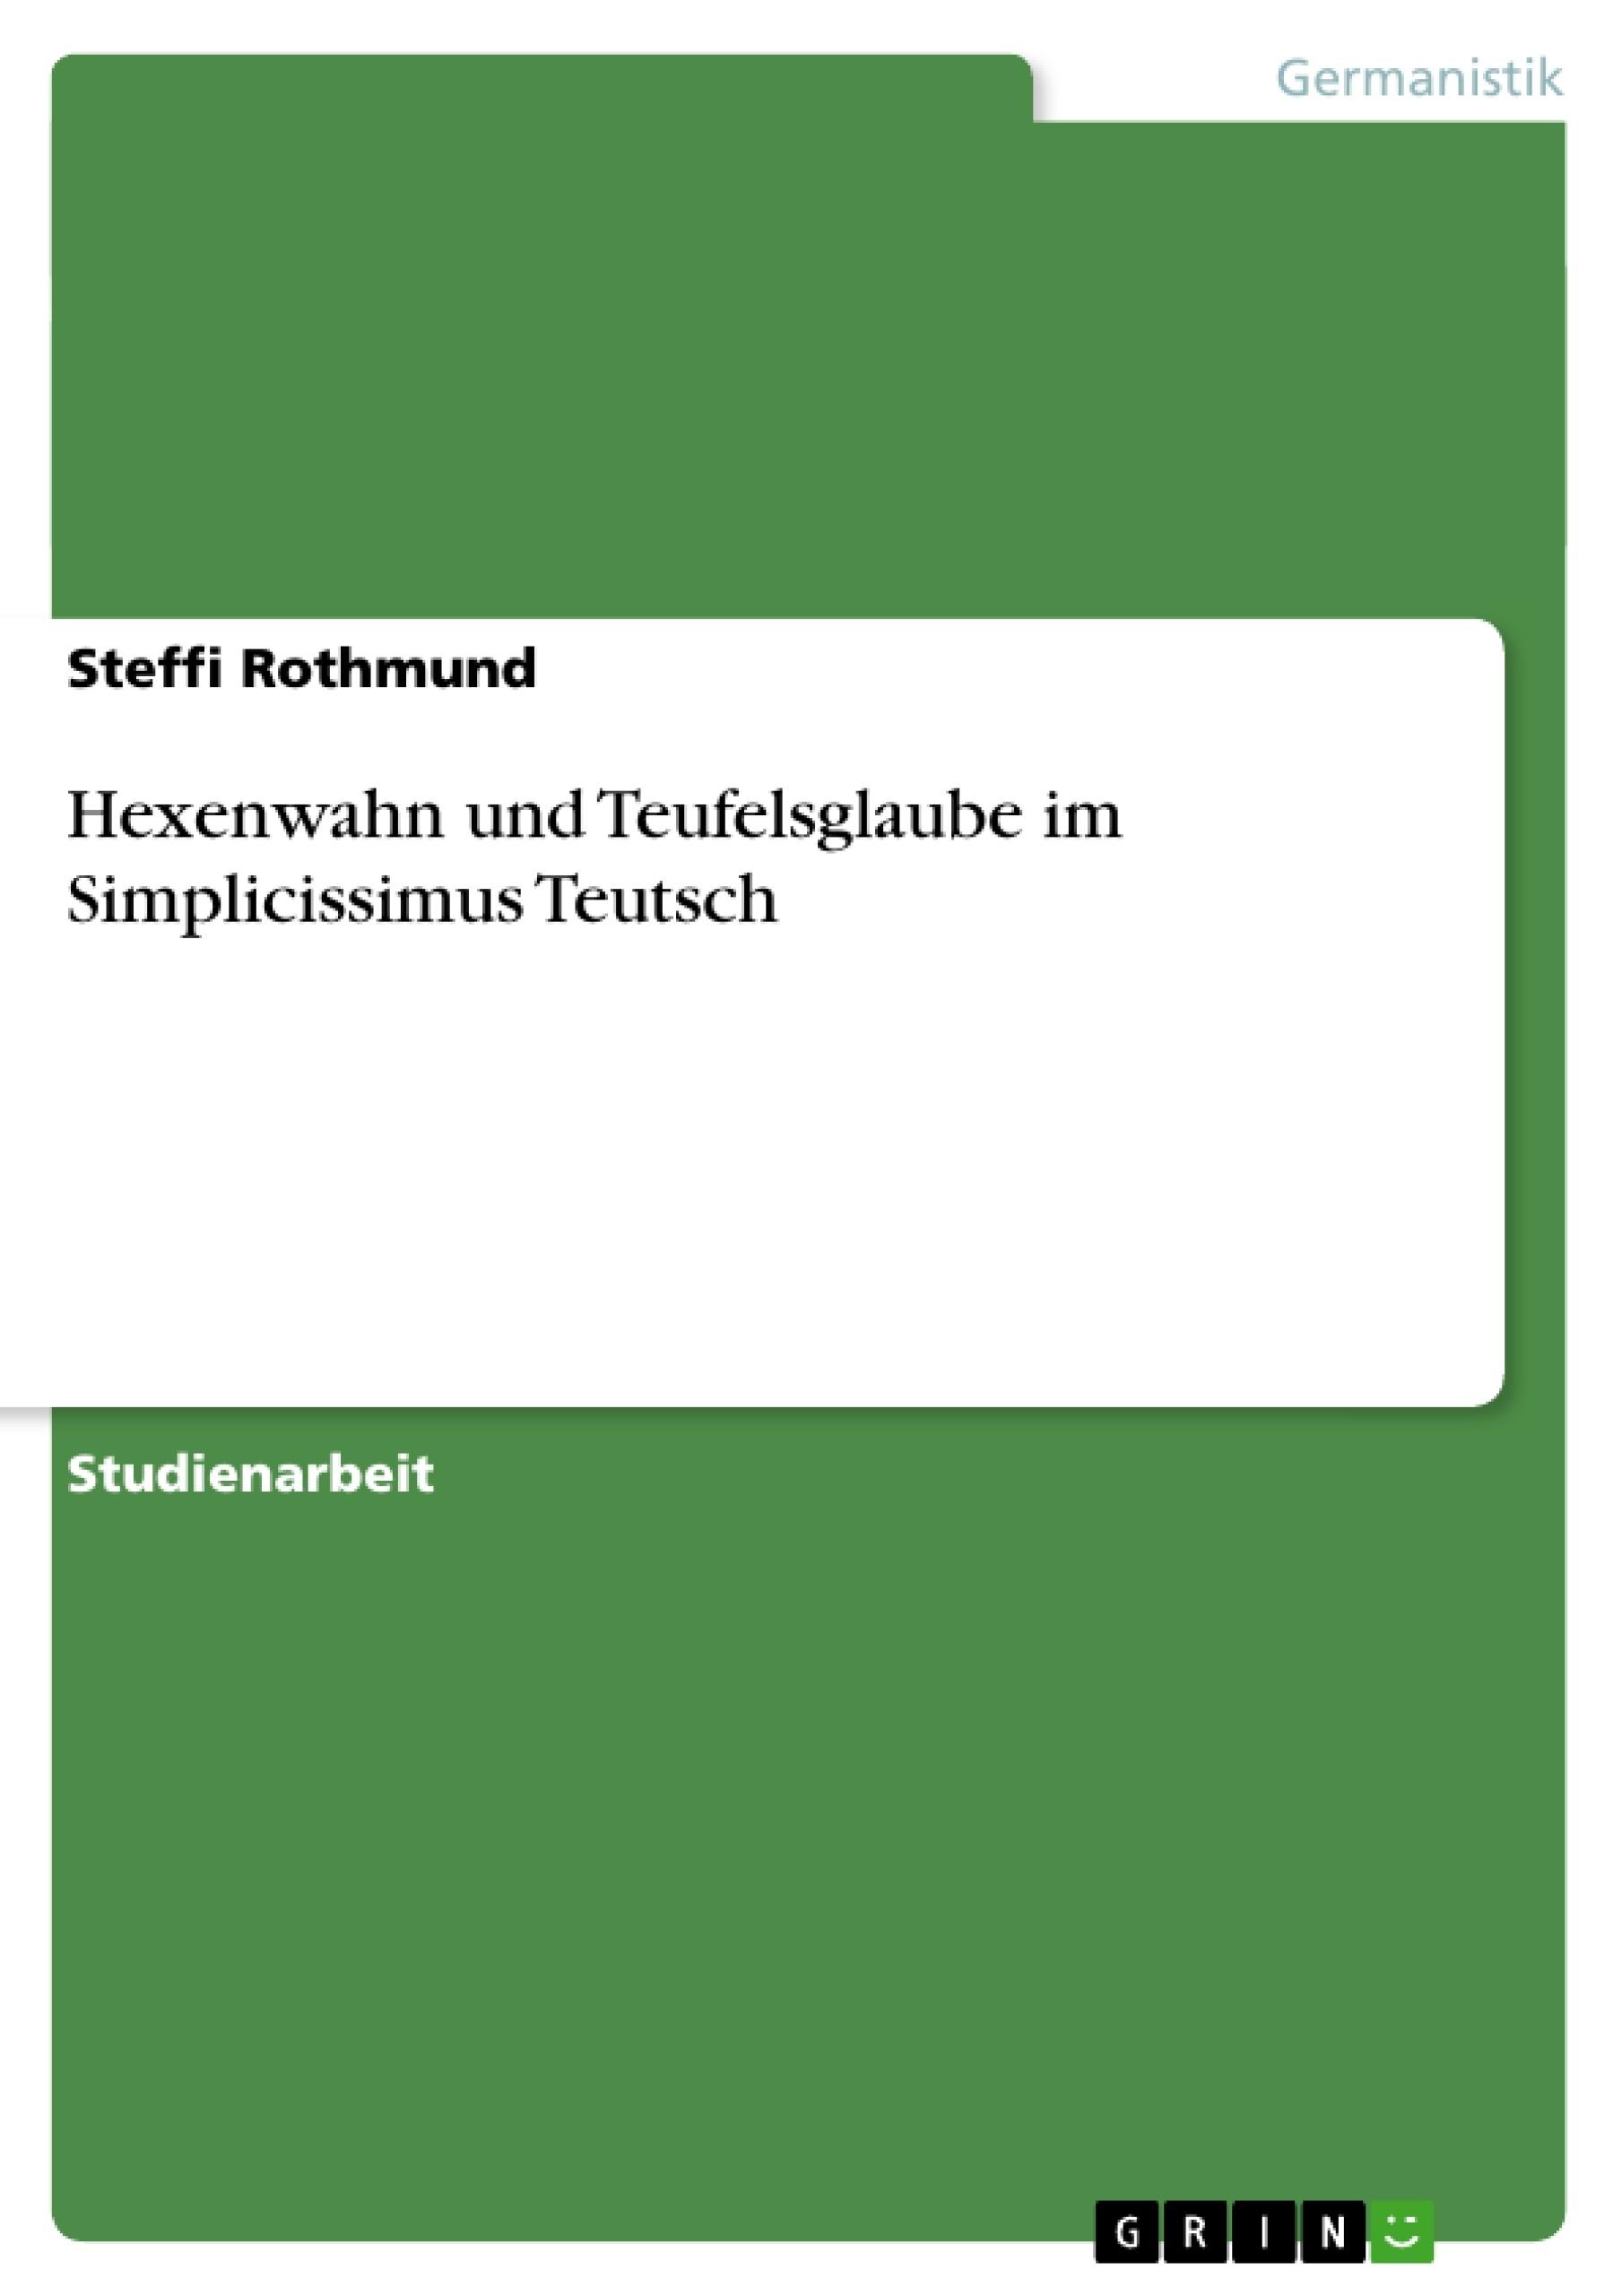 Titel: Hexenwahn und Teufelsglaube im Simplicissimus Teutsch